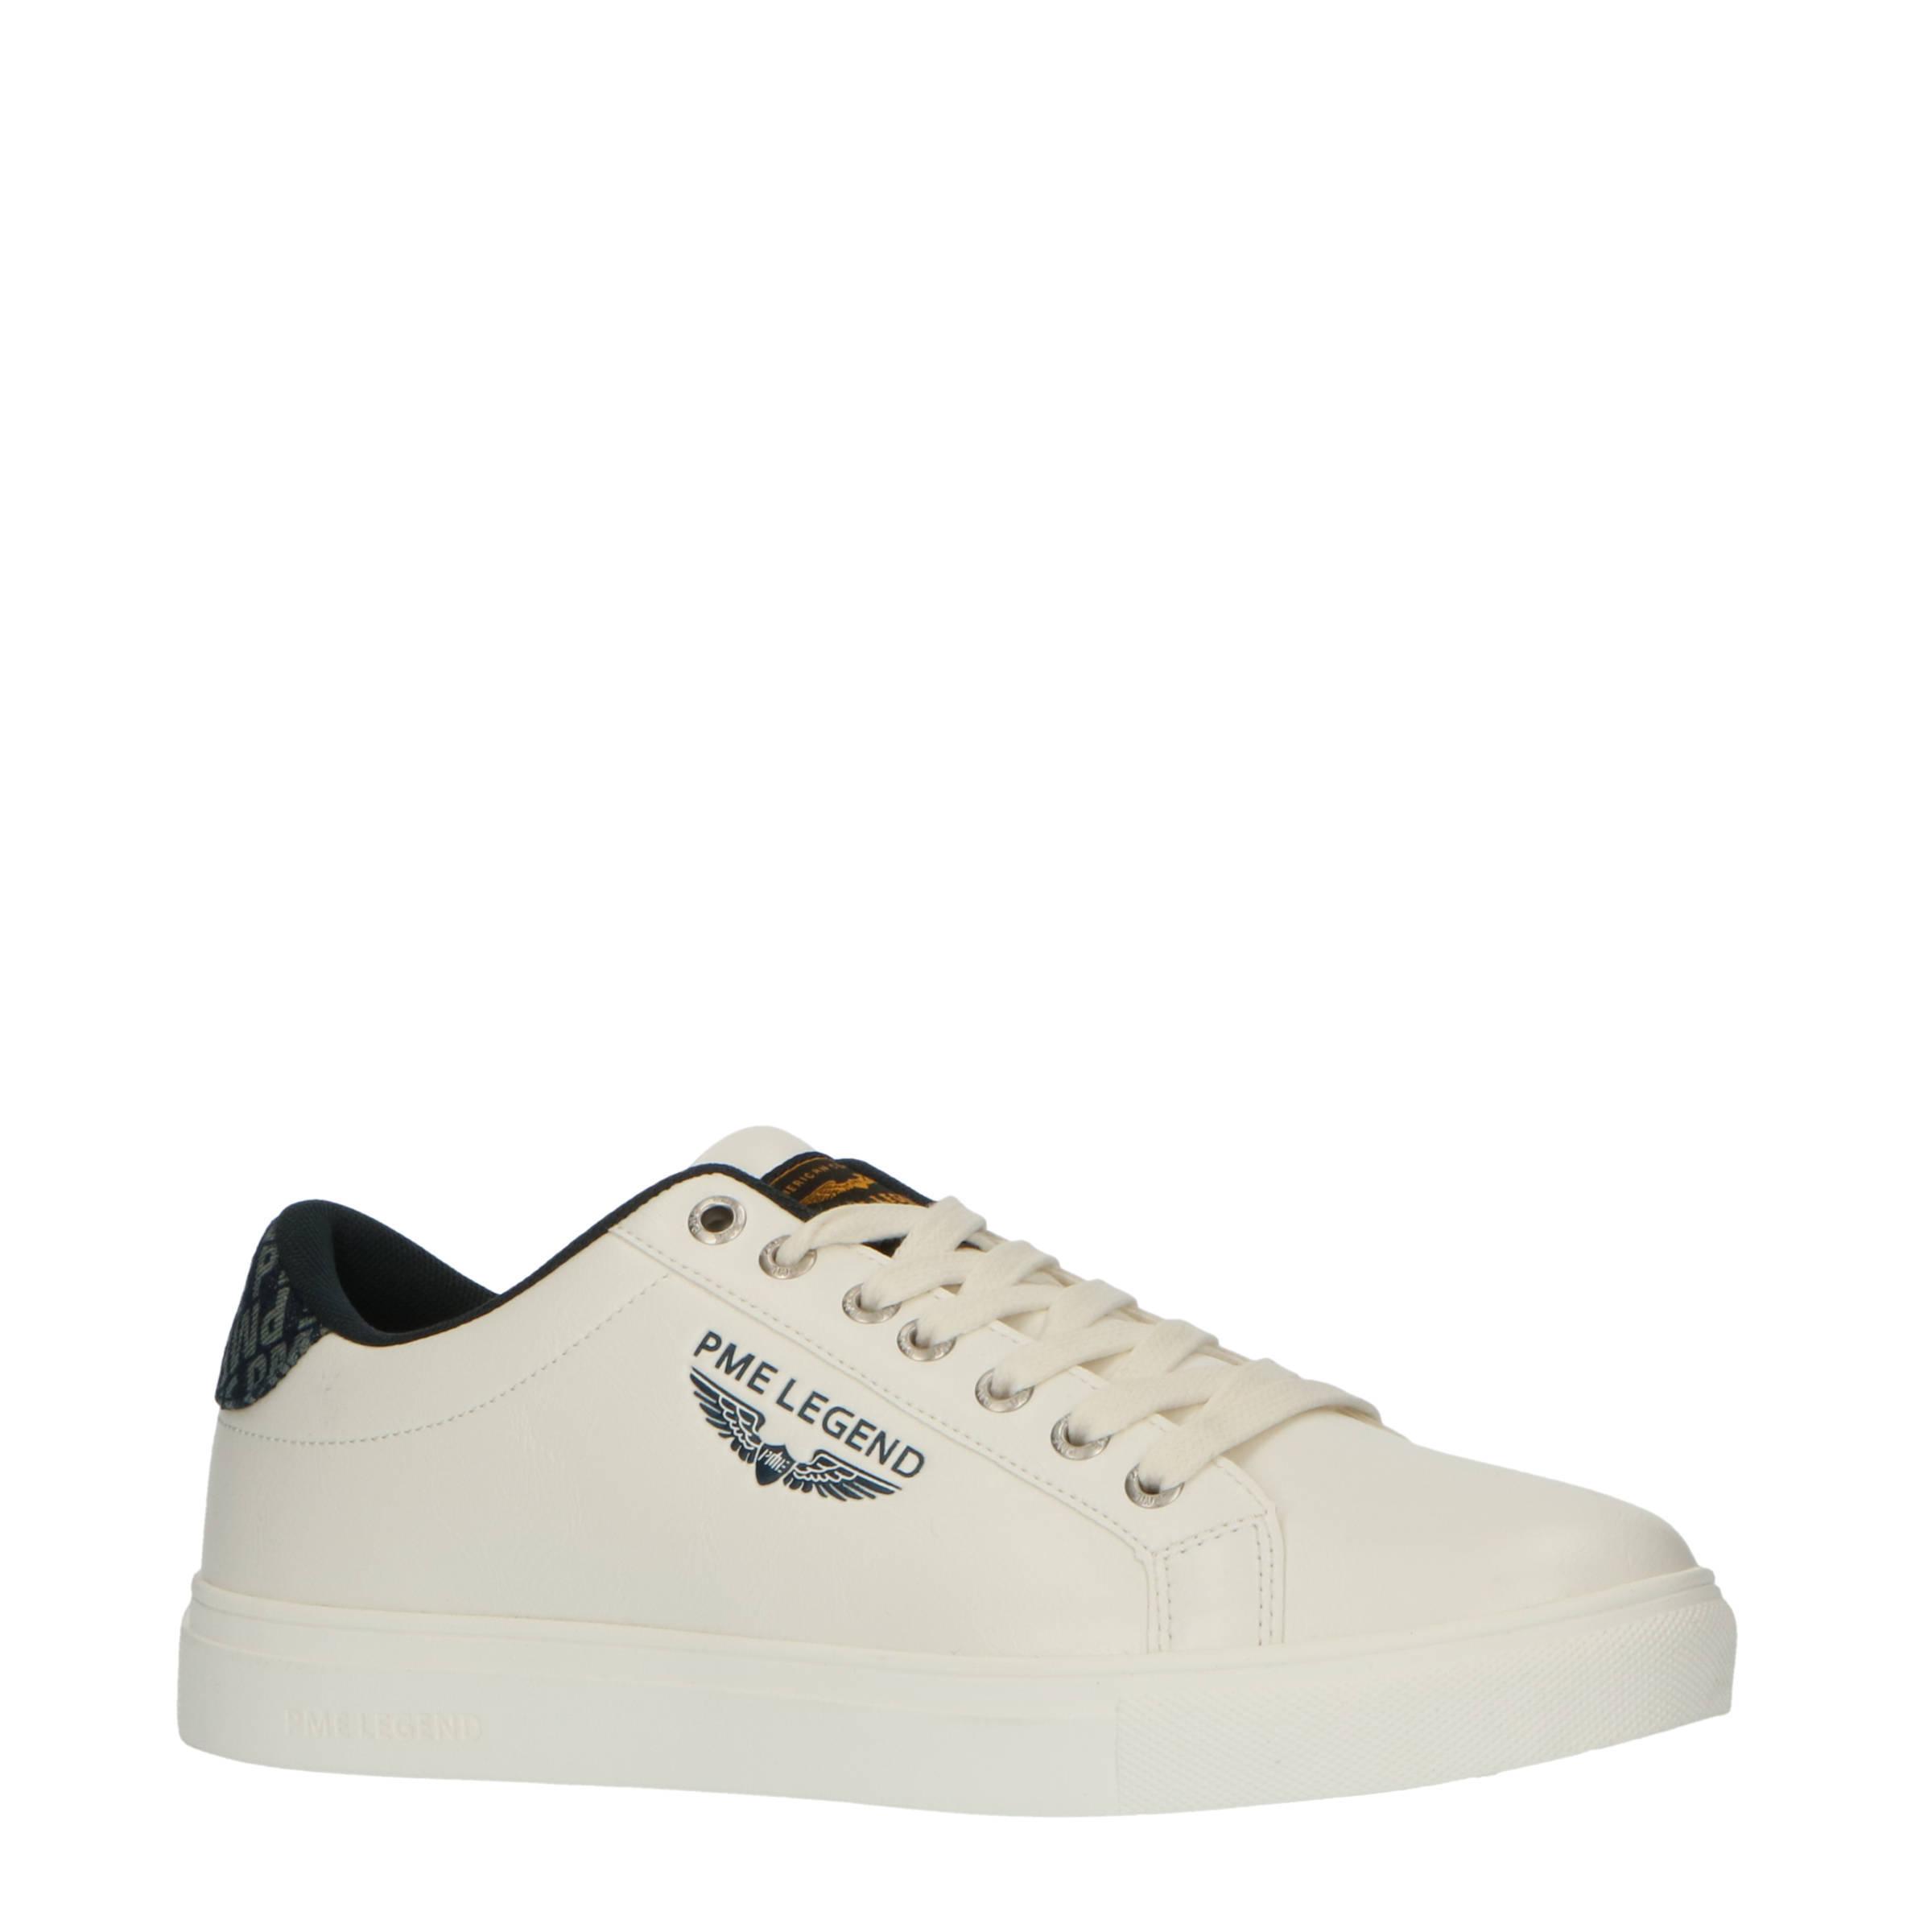 PME Legend Pme-legend schoenen pbo2120 online kopen